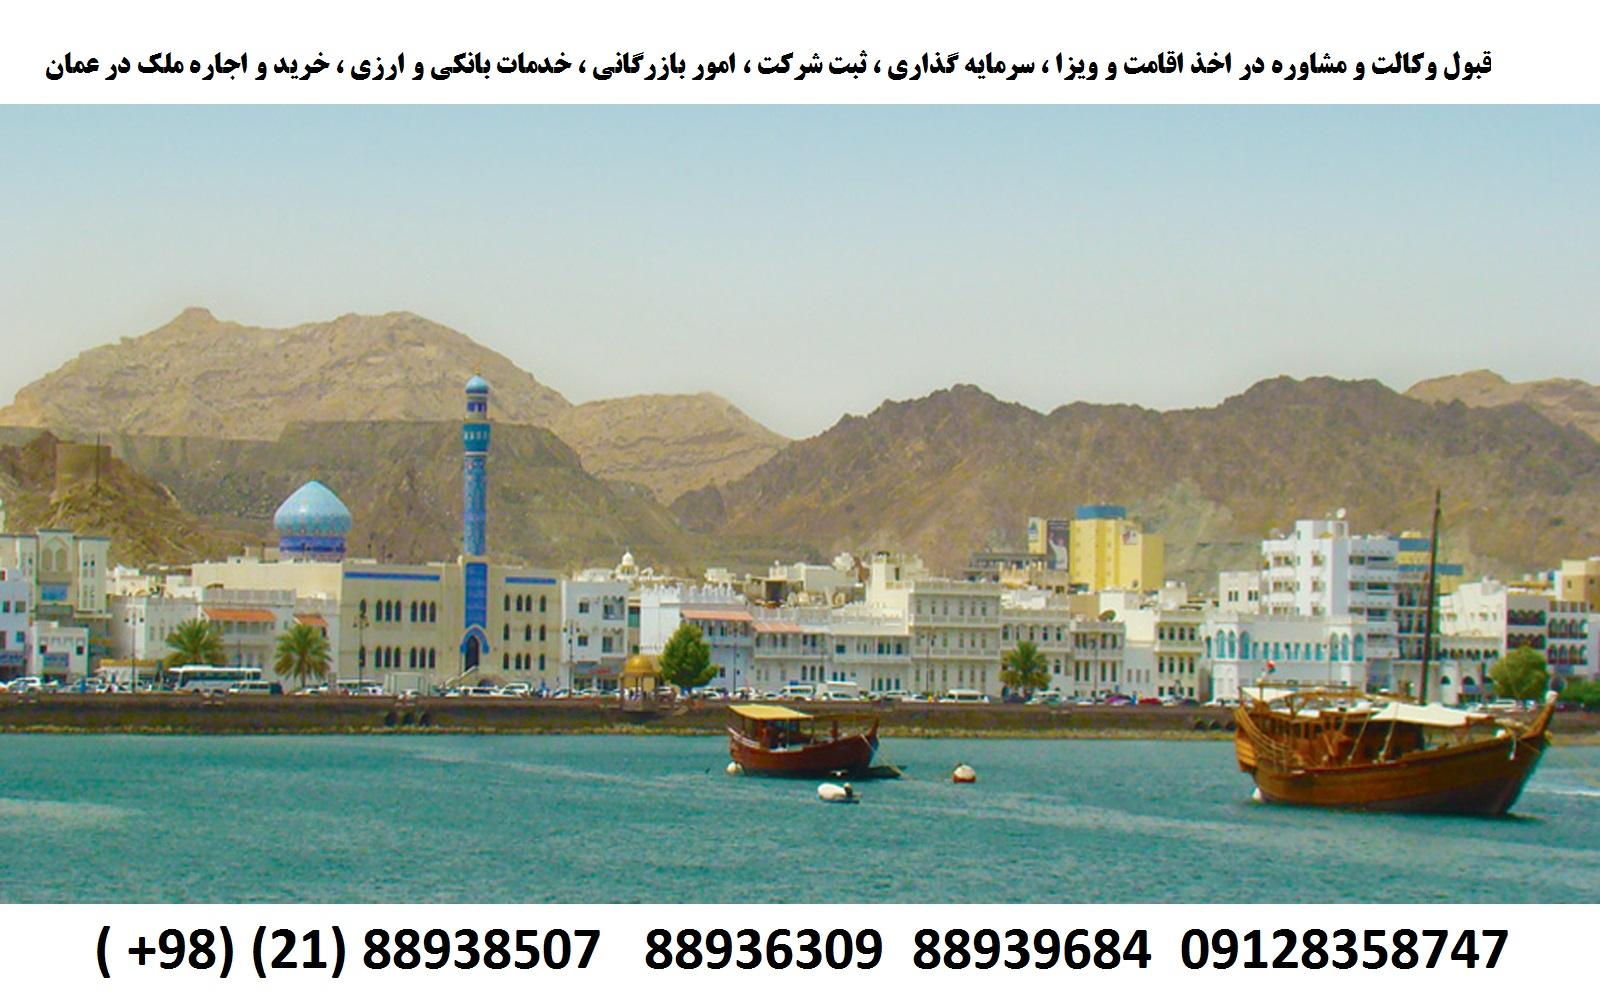 اقامت ، ثبت شرکت ، سرمایه گذاری ، ویزای کشور عمان (3)